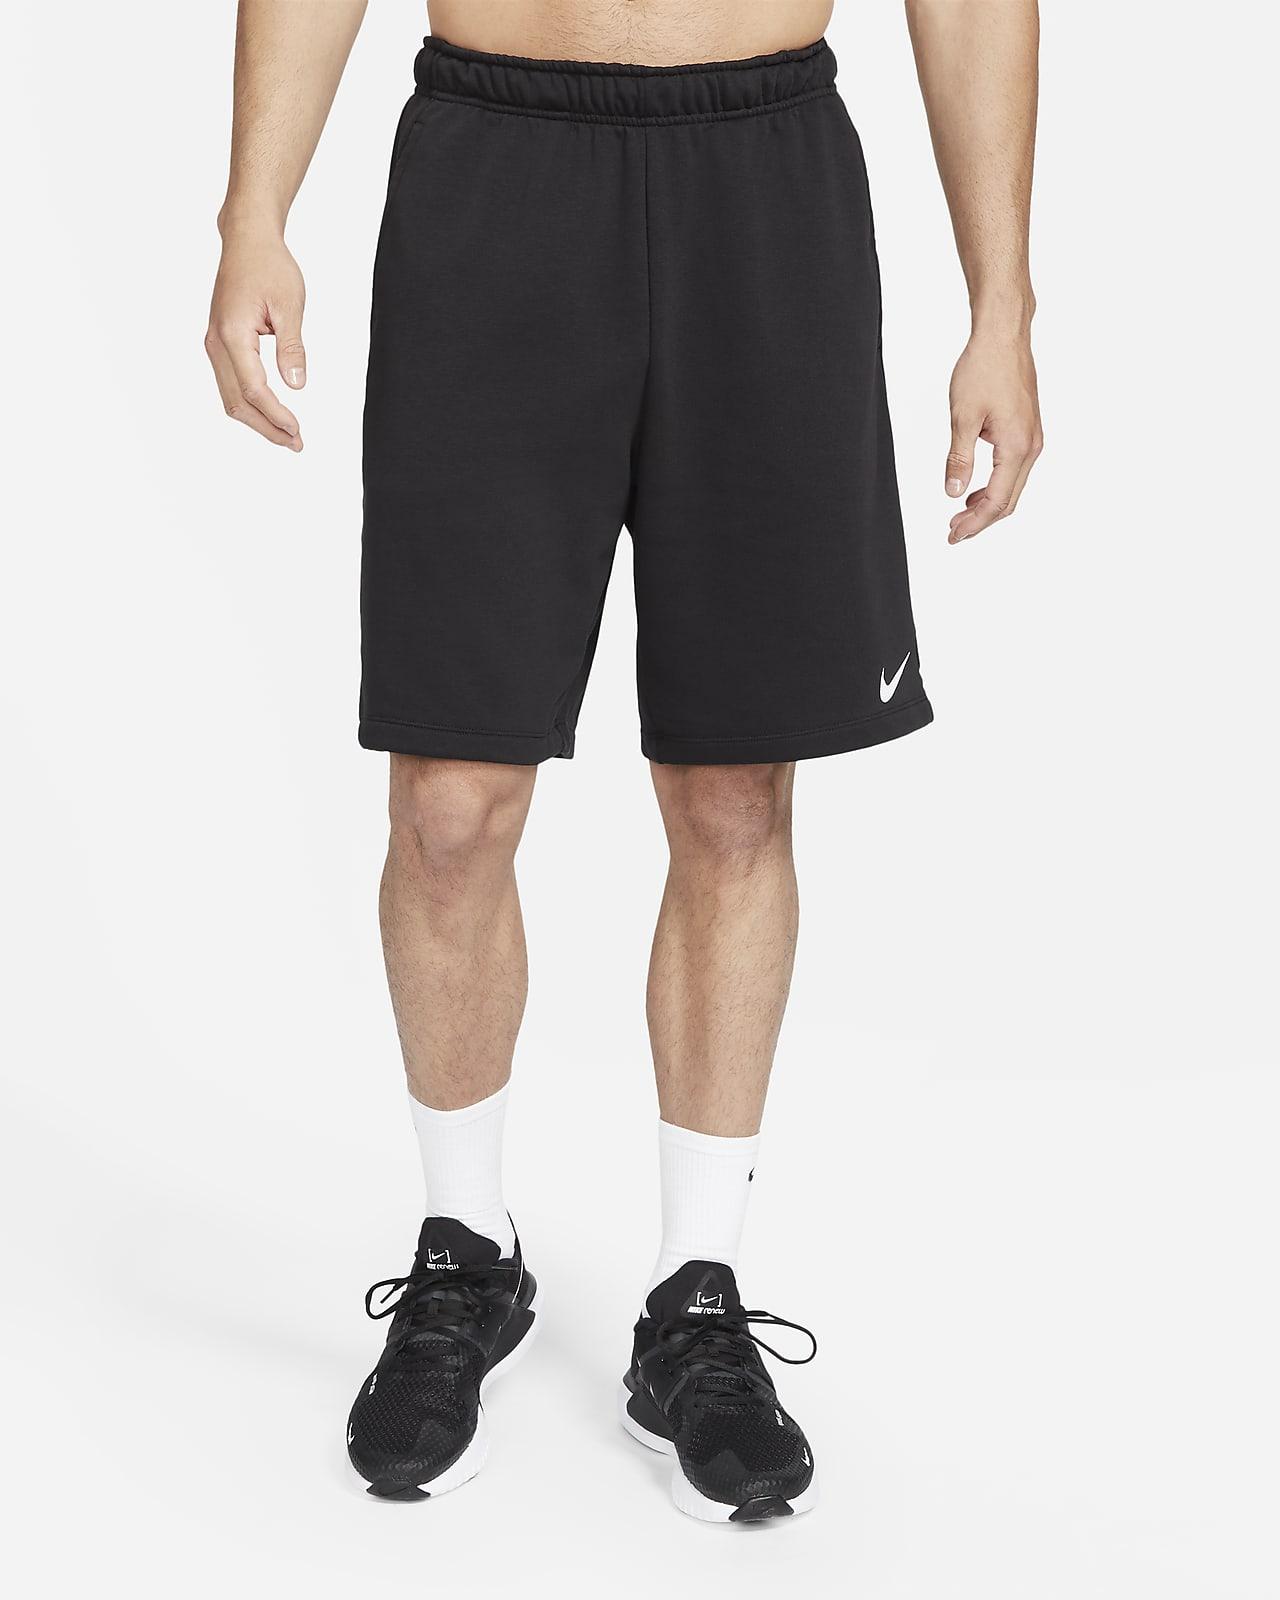 Nike Dri-FIT Pantalón corto de entrenamiento - Hombre